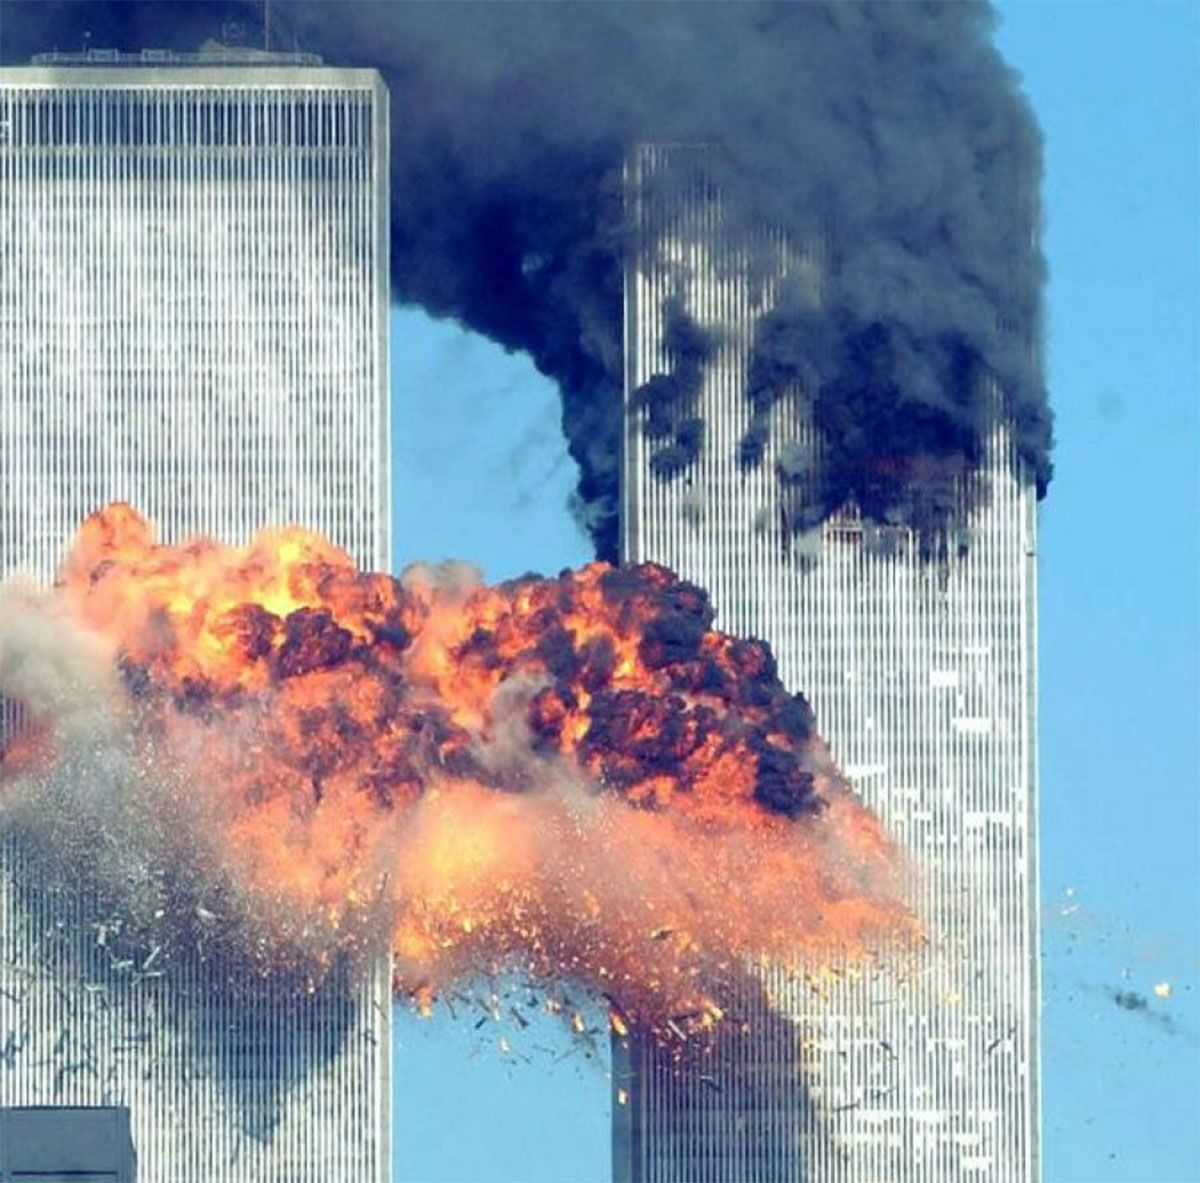 Una de las fotos inéditas que el Servicio secreto publicó del atentado a las Torres Gemelas del pasado 11 de septiembre de 2001